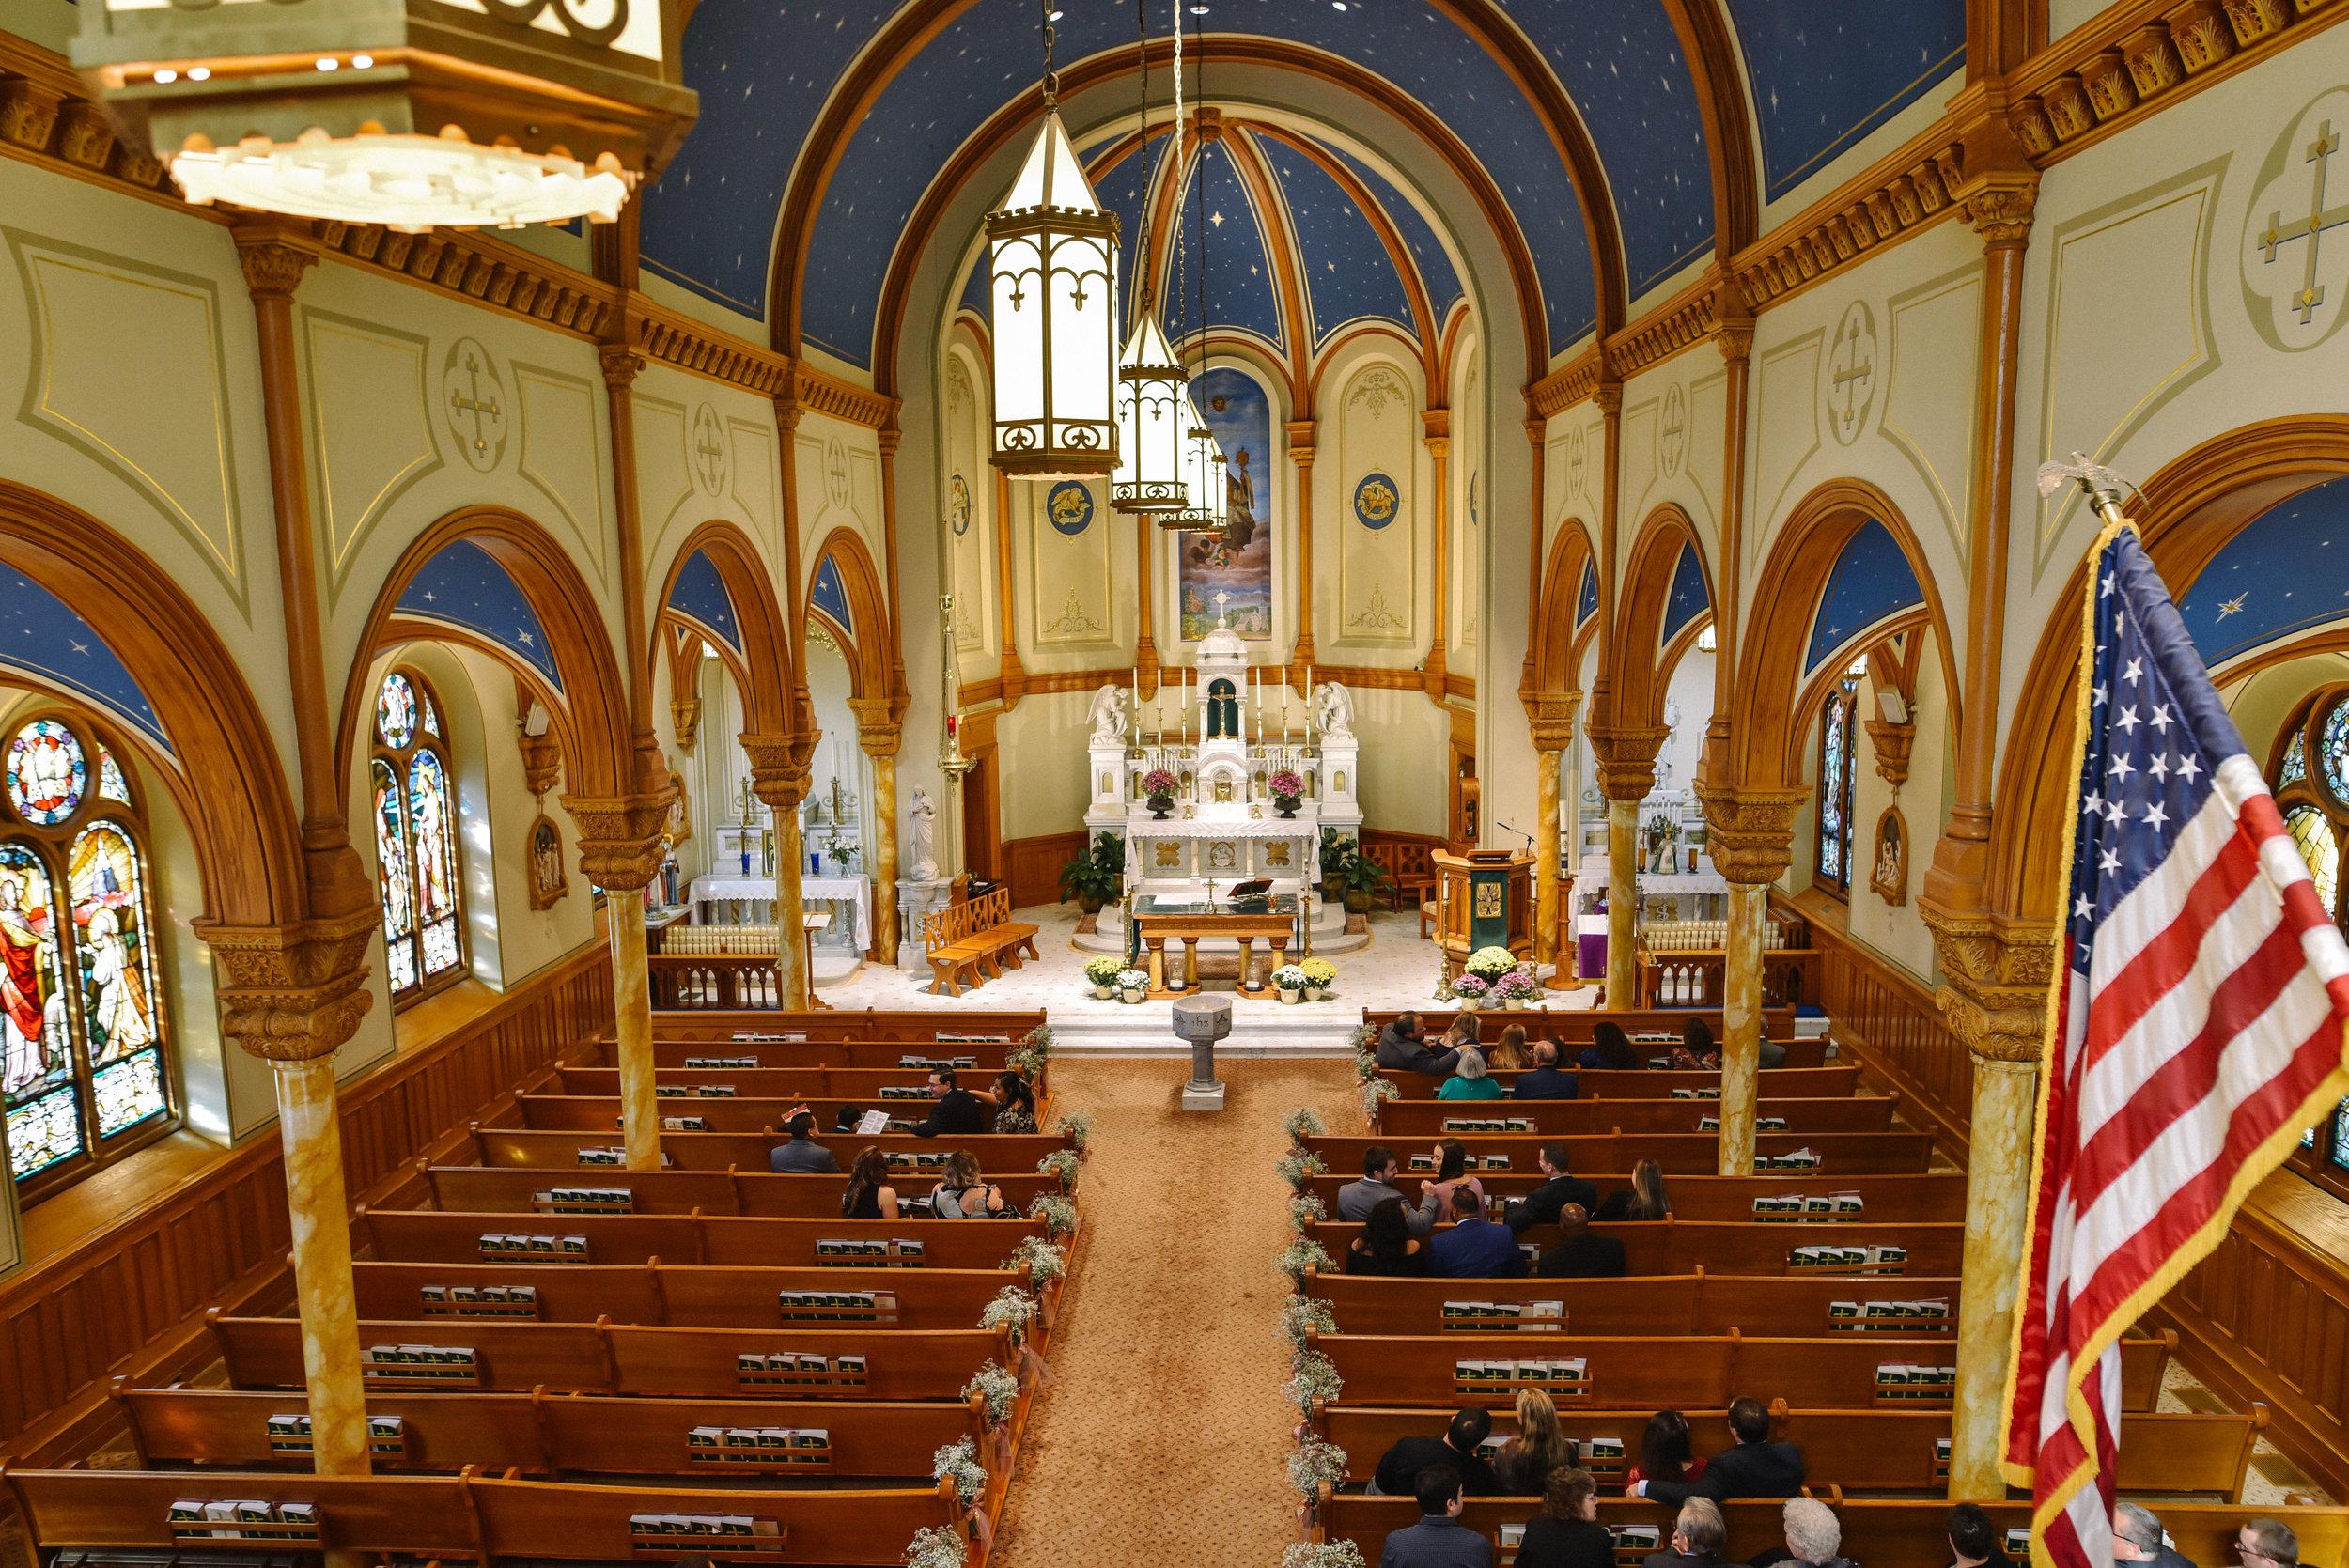 st_augustine_church_elkridge_wedding-4.jpg